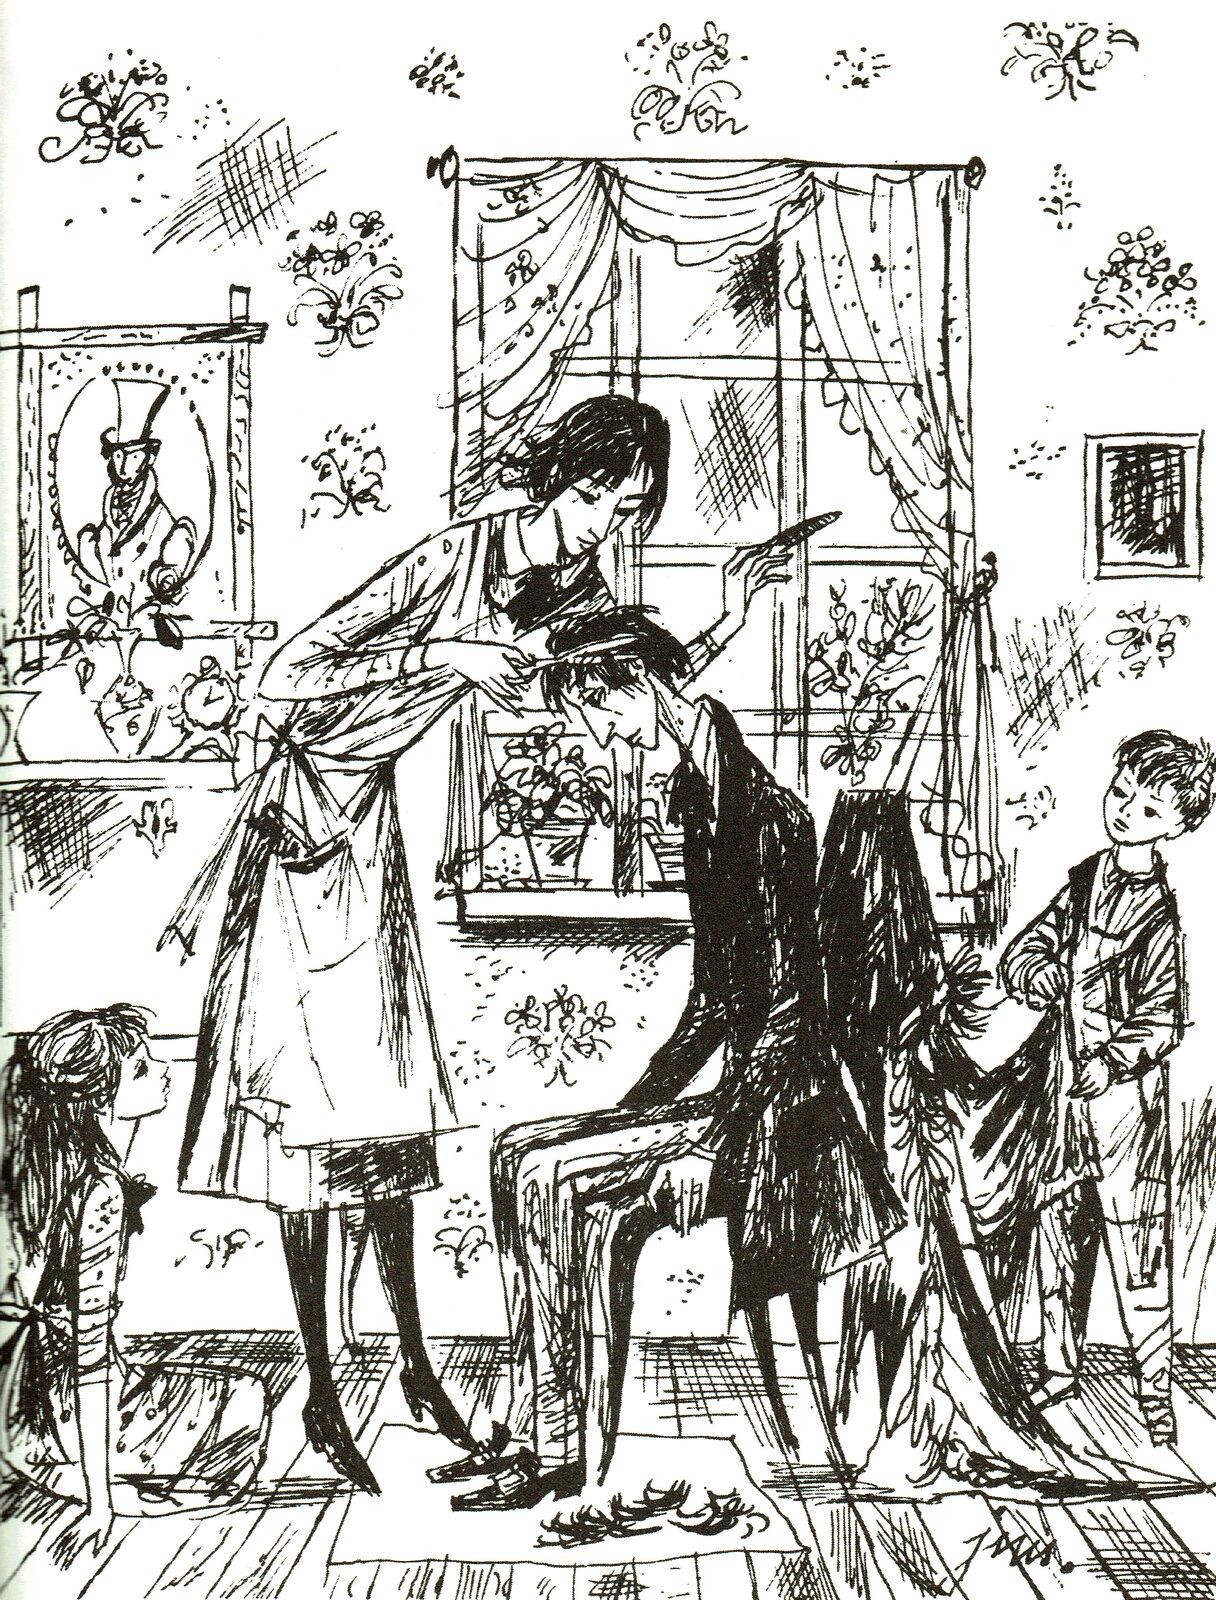 """Ilustracja przedstawia pracę Jana Marcina Szancera zksiążki Mary Norton """"Gałka do łóżka"""". Ukazuje scenę wdomu rodzinnym. Wpomieszczeniu znajduje się siedzący na krześle mężczyzna. Obok niego stoi kobieta iobcina mu włosy. Zprawej strony stoi chłopiec, azlewej na podłodze siedzi dziewczynka. Przypatrują się czynnościom. Na ścianie zwwzorami wiszą obrazy oraz znajduje się okno zzasłonkami."""